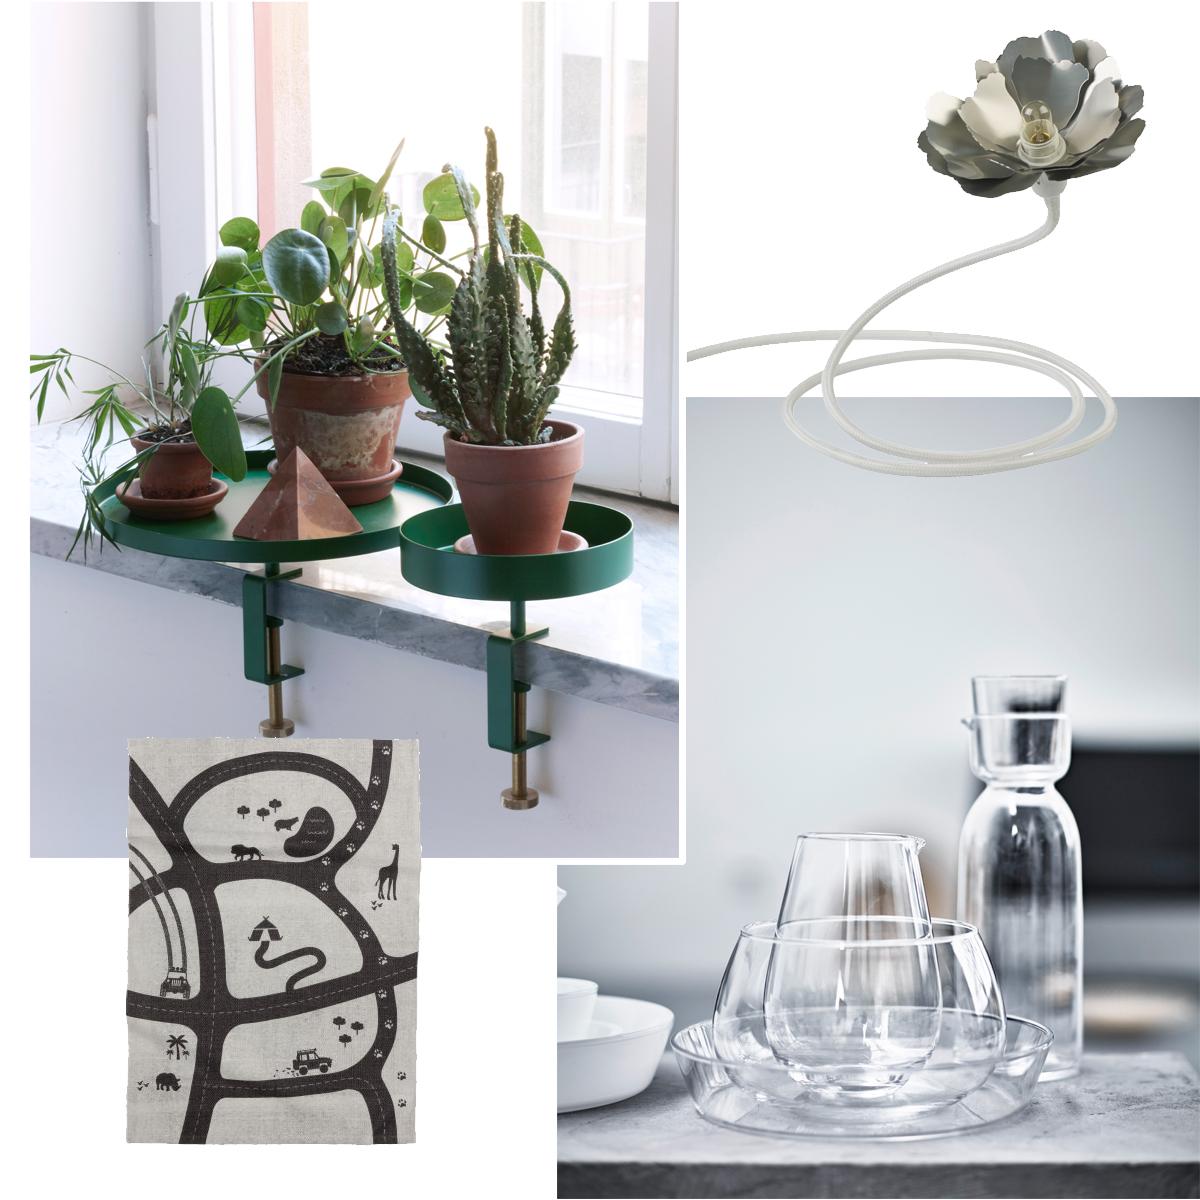 Önskelista – Bricka Navet/Betonggruvan, lampa Habitat, bilmatta/H&M Home, glas/Ingegerd Råman för IKEA – Husligheter